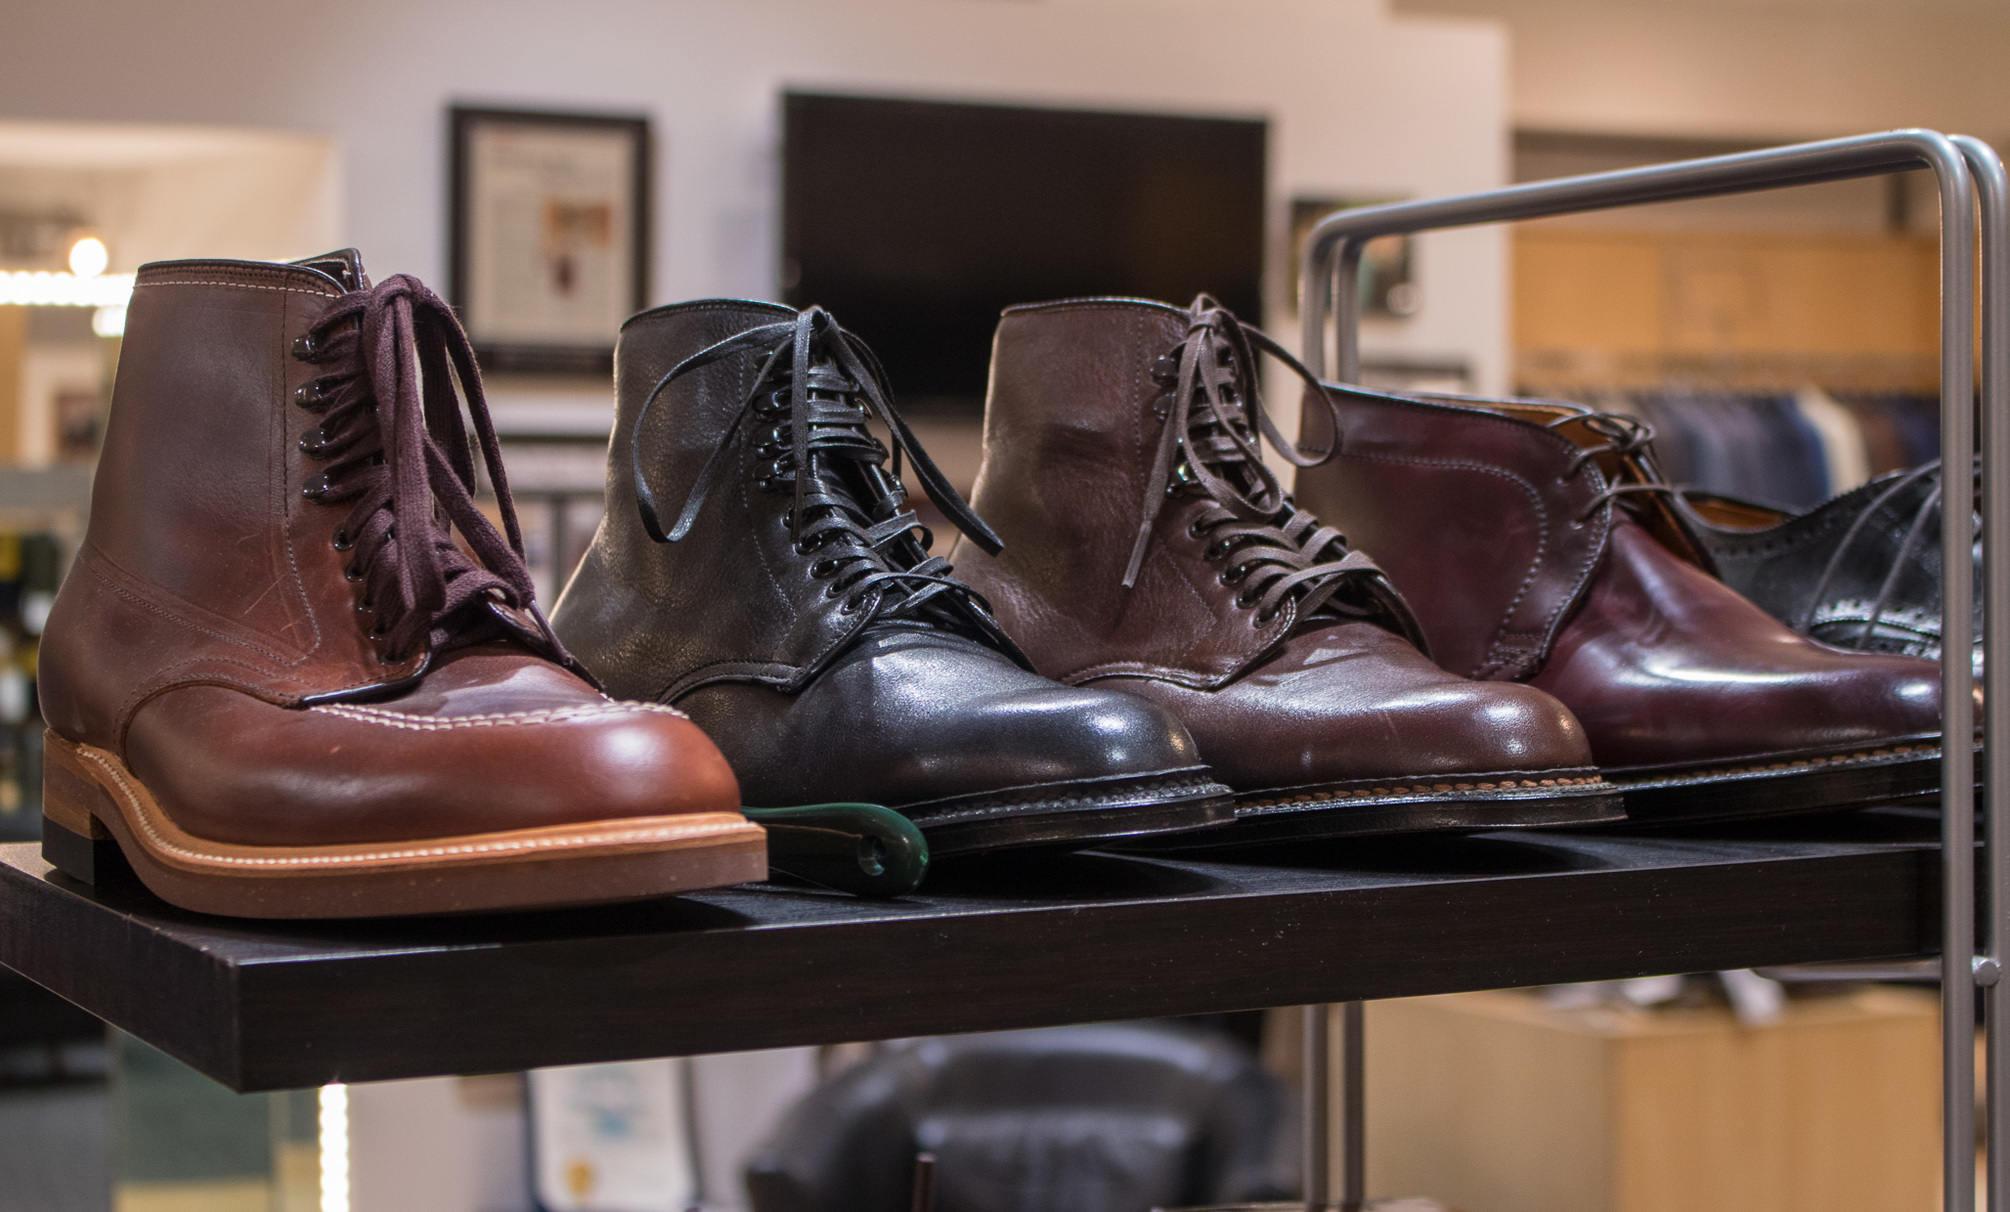 Jimmy Au's Alden boots